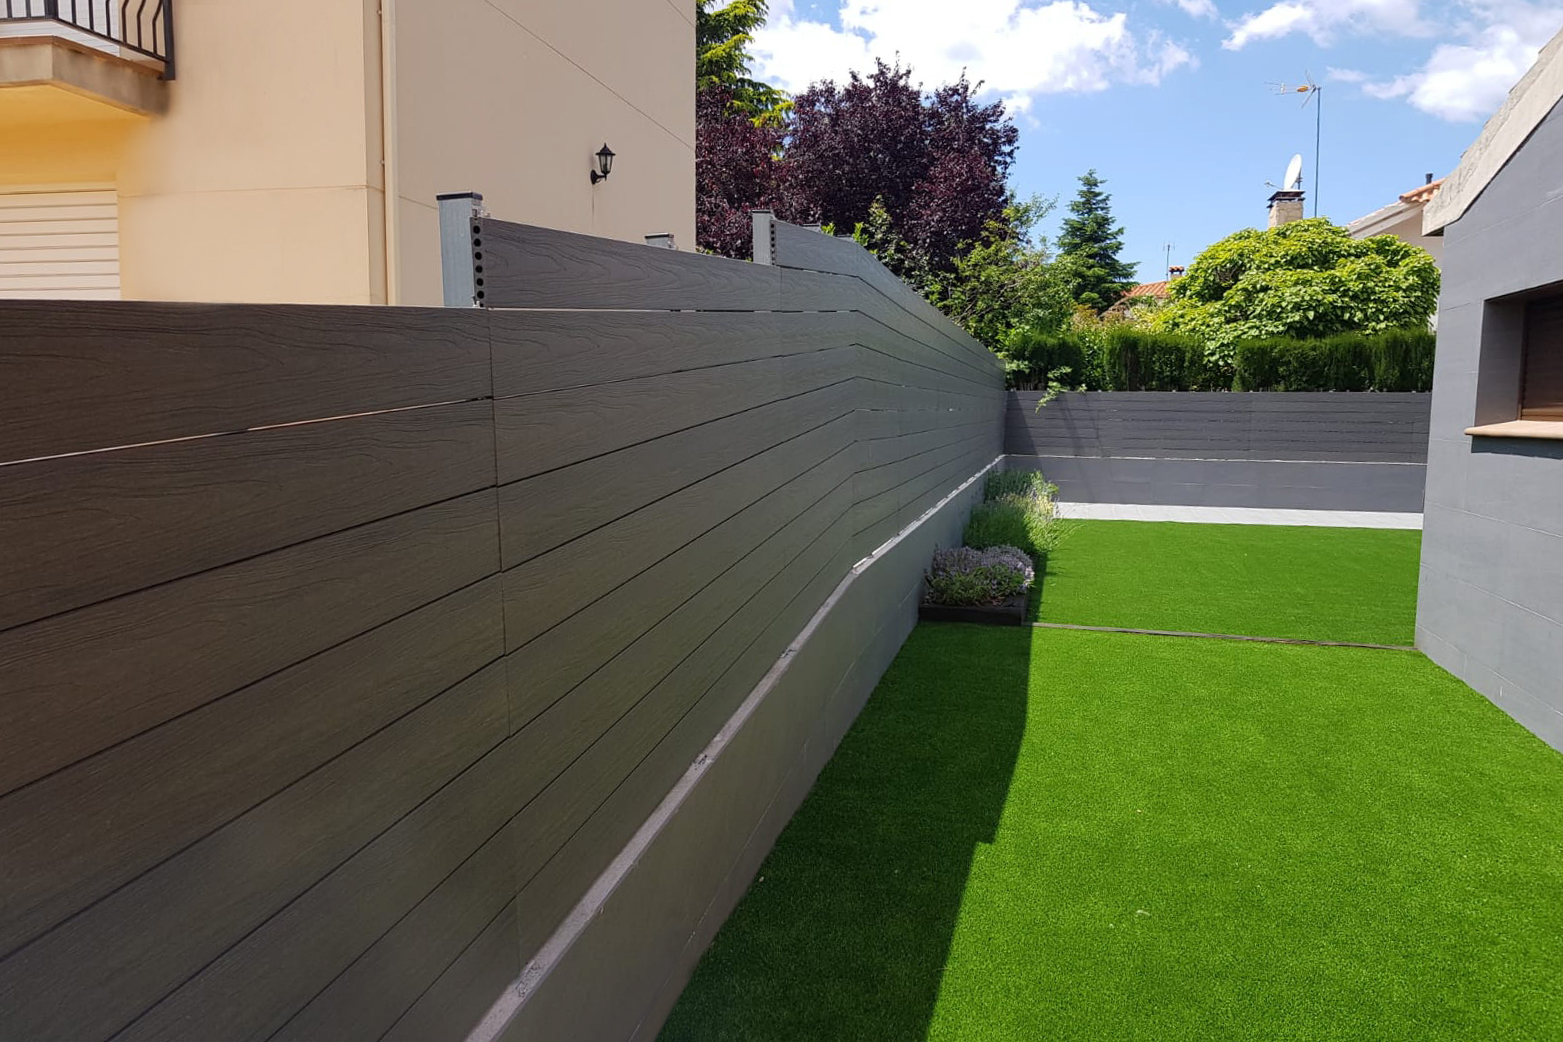 valla de madera tecnológica composite en el jardín de una casa unifamiliargris